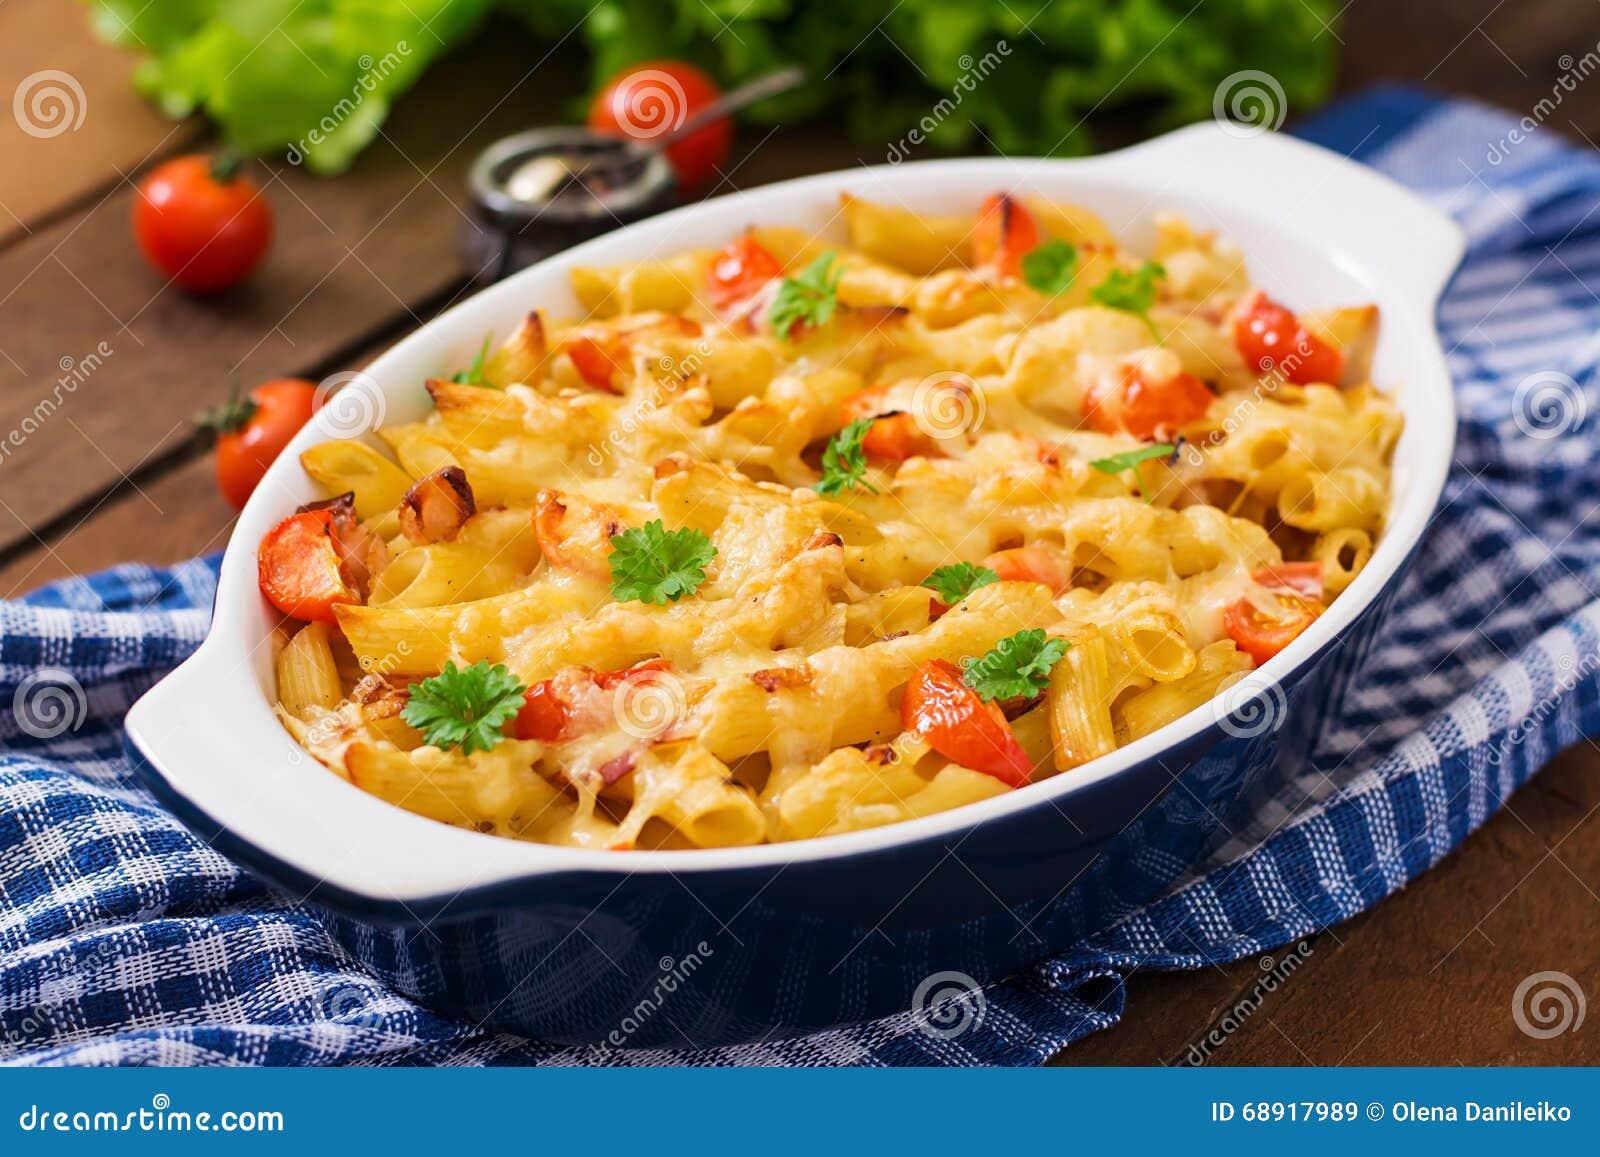 Casseruola della pasta, pomodoro, bacon